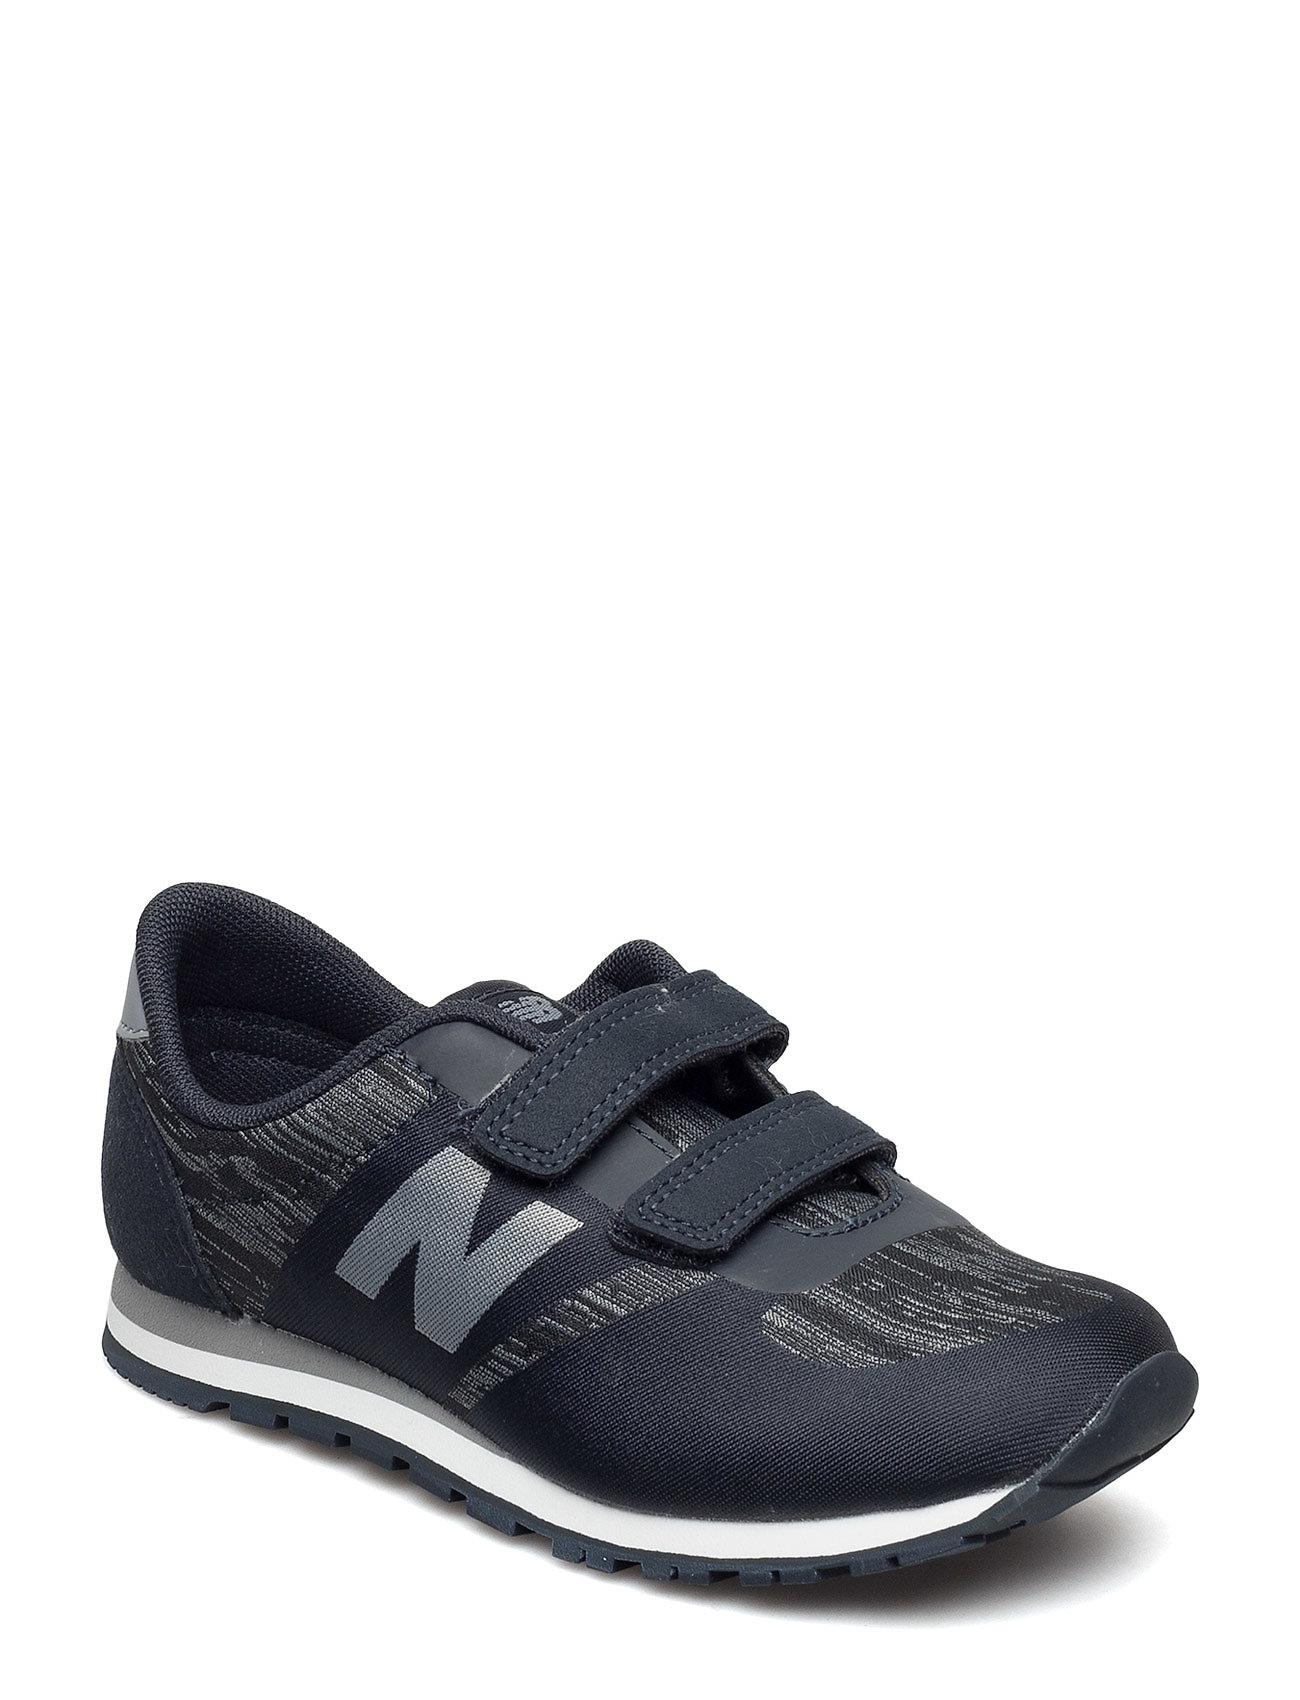 Ka420ngy New Balance Sko & Sneakers til Børn i